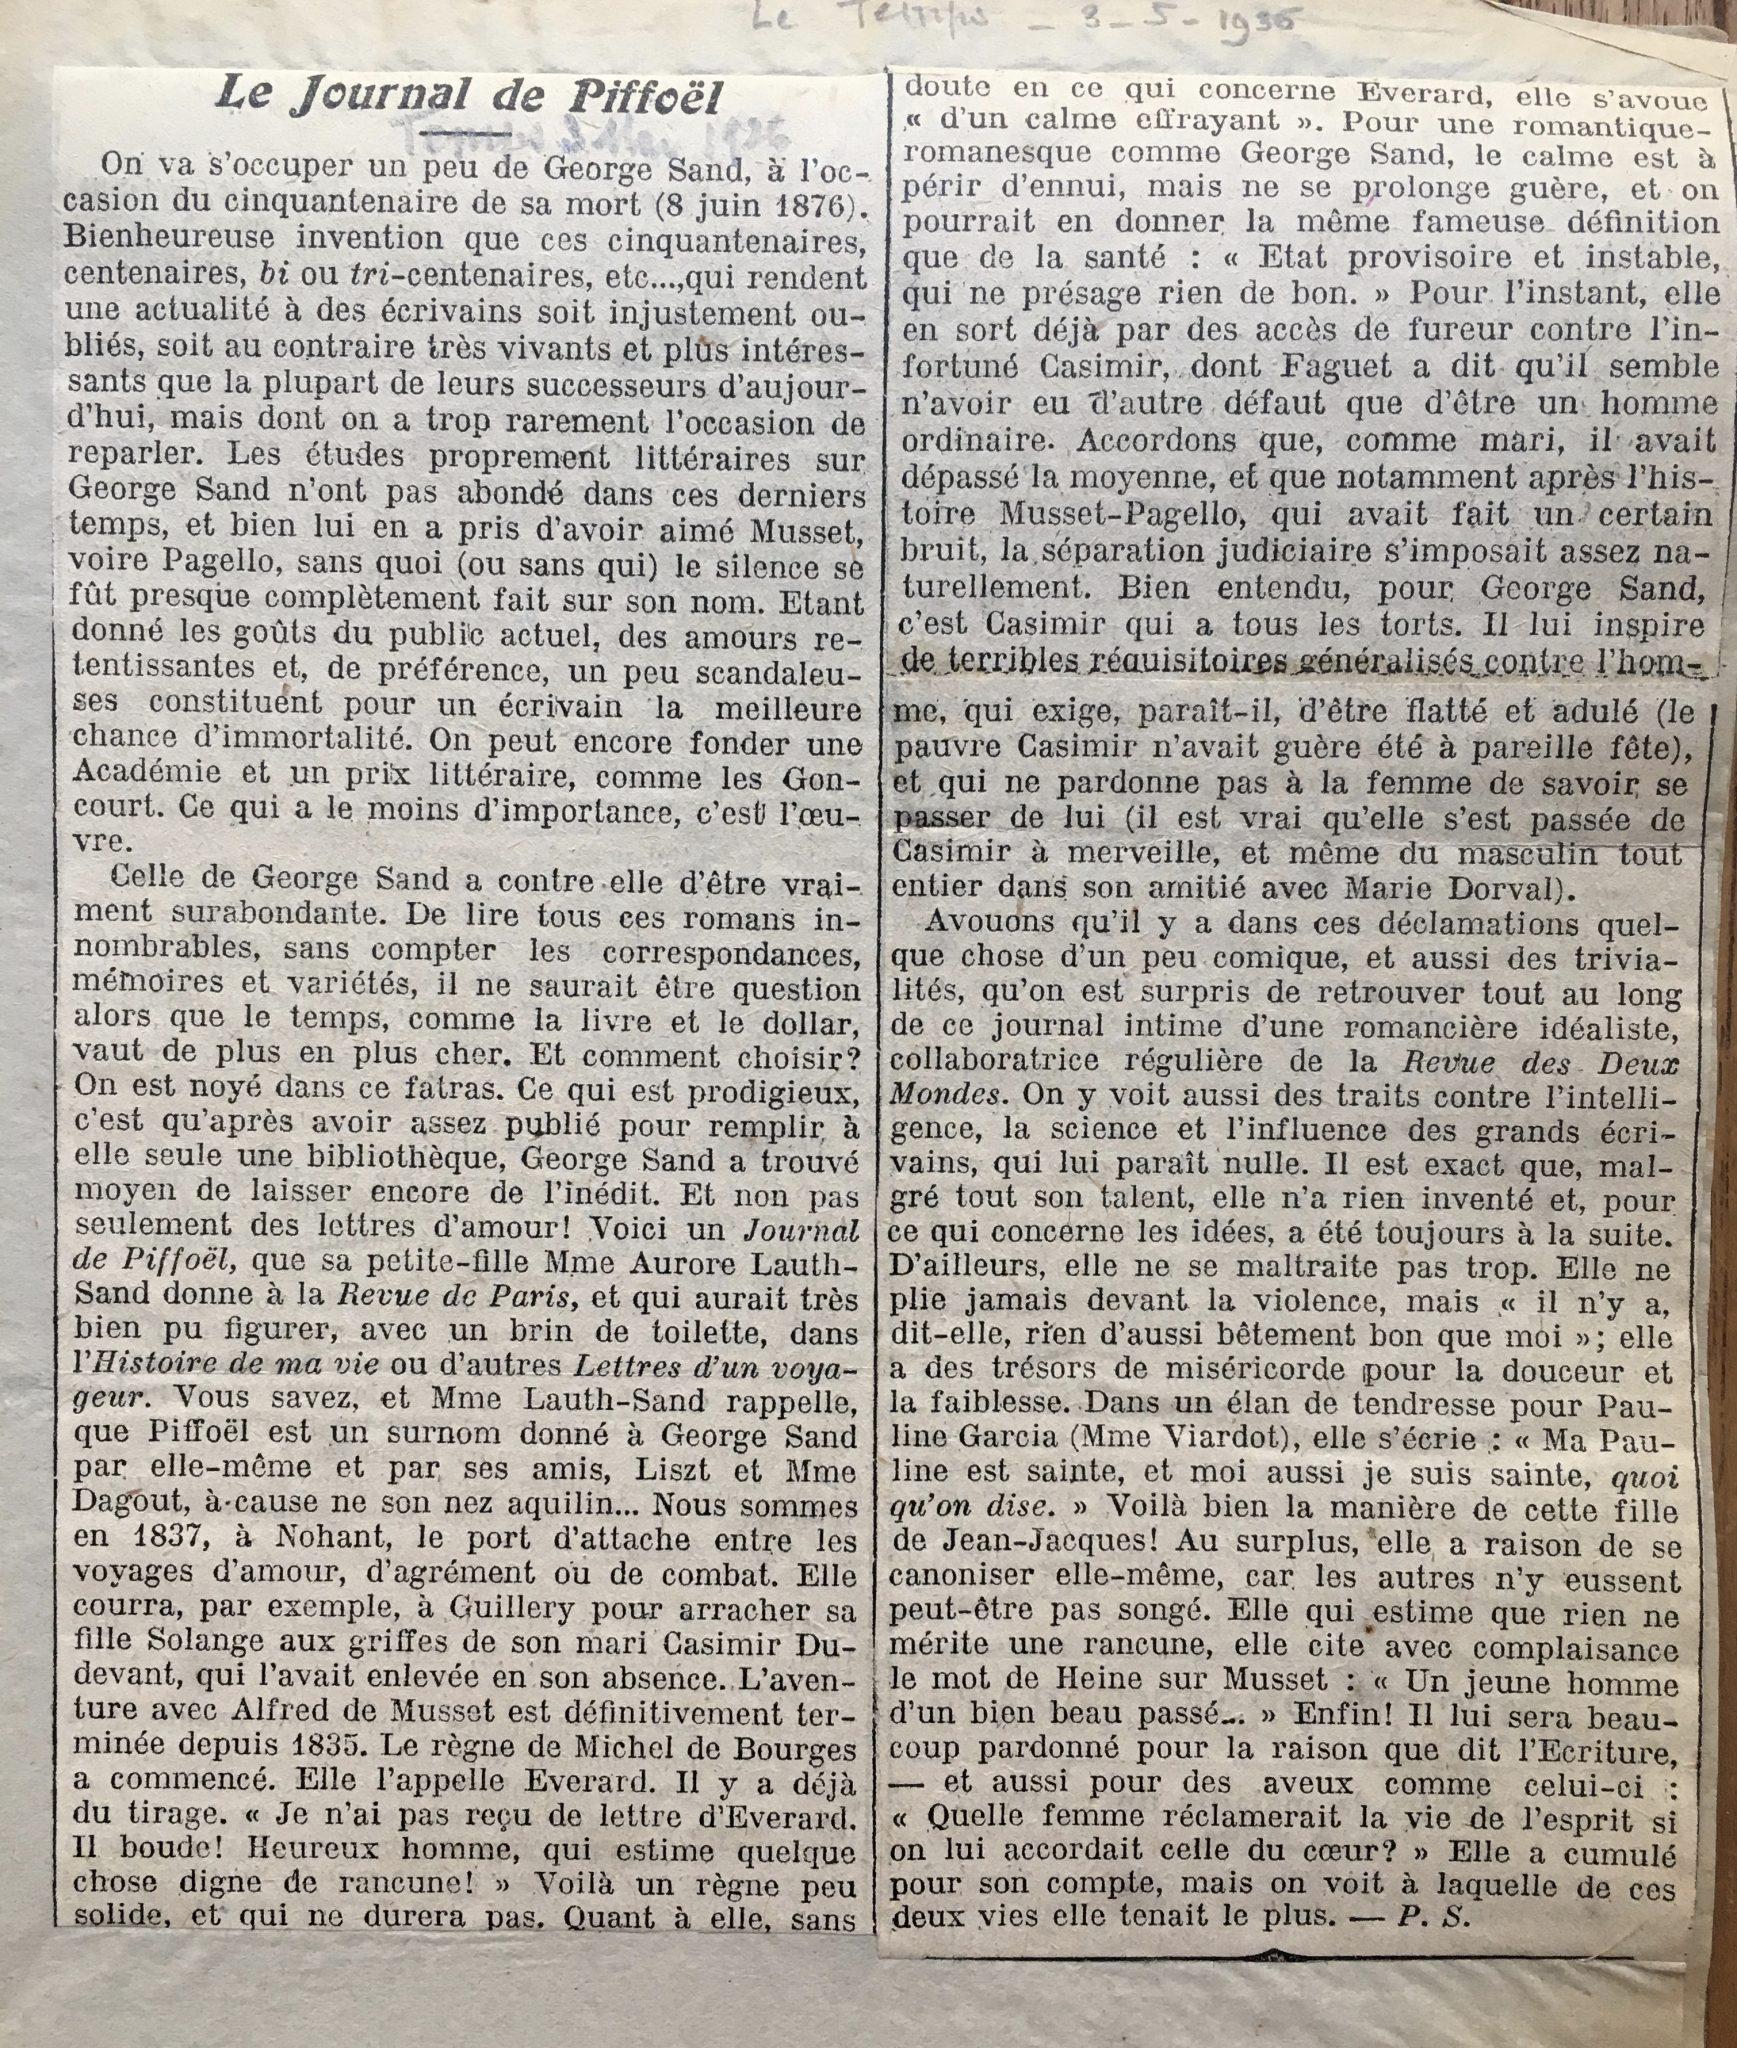 Le journal Piffoël 1935